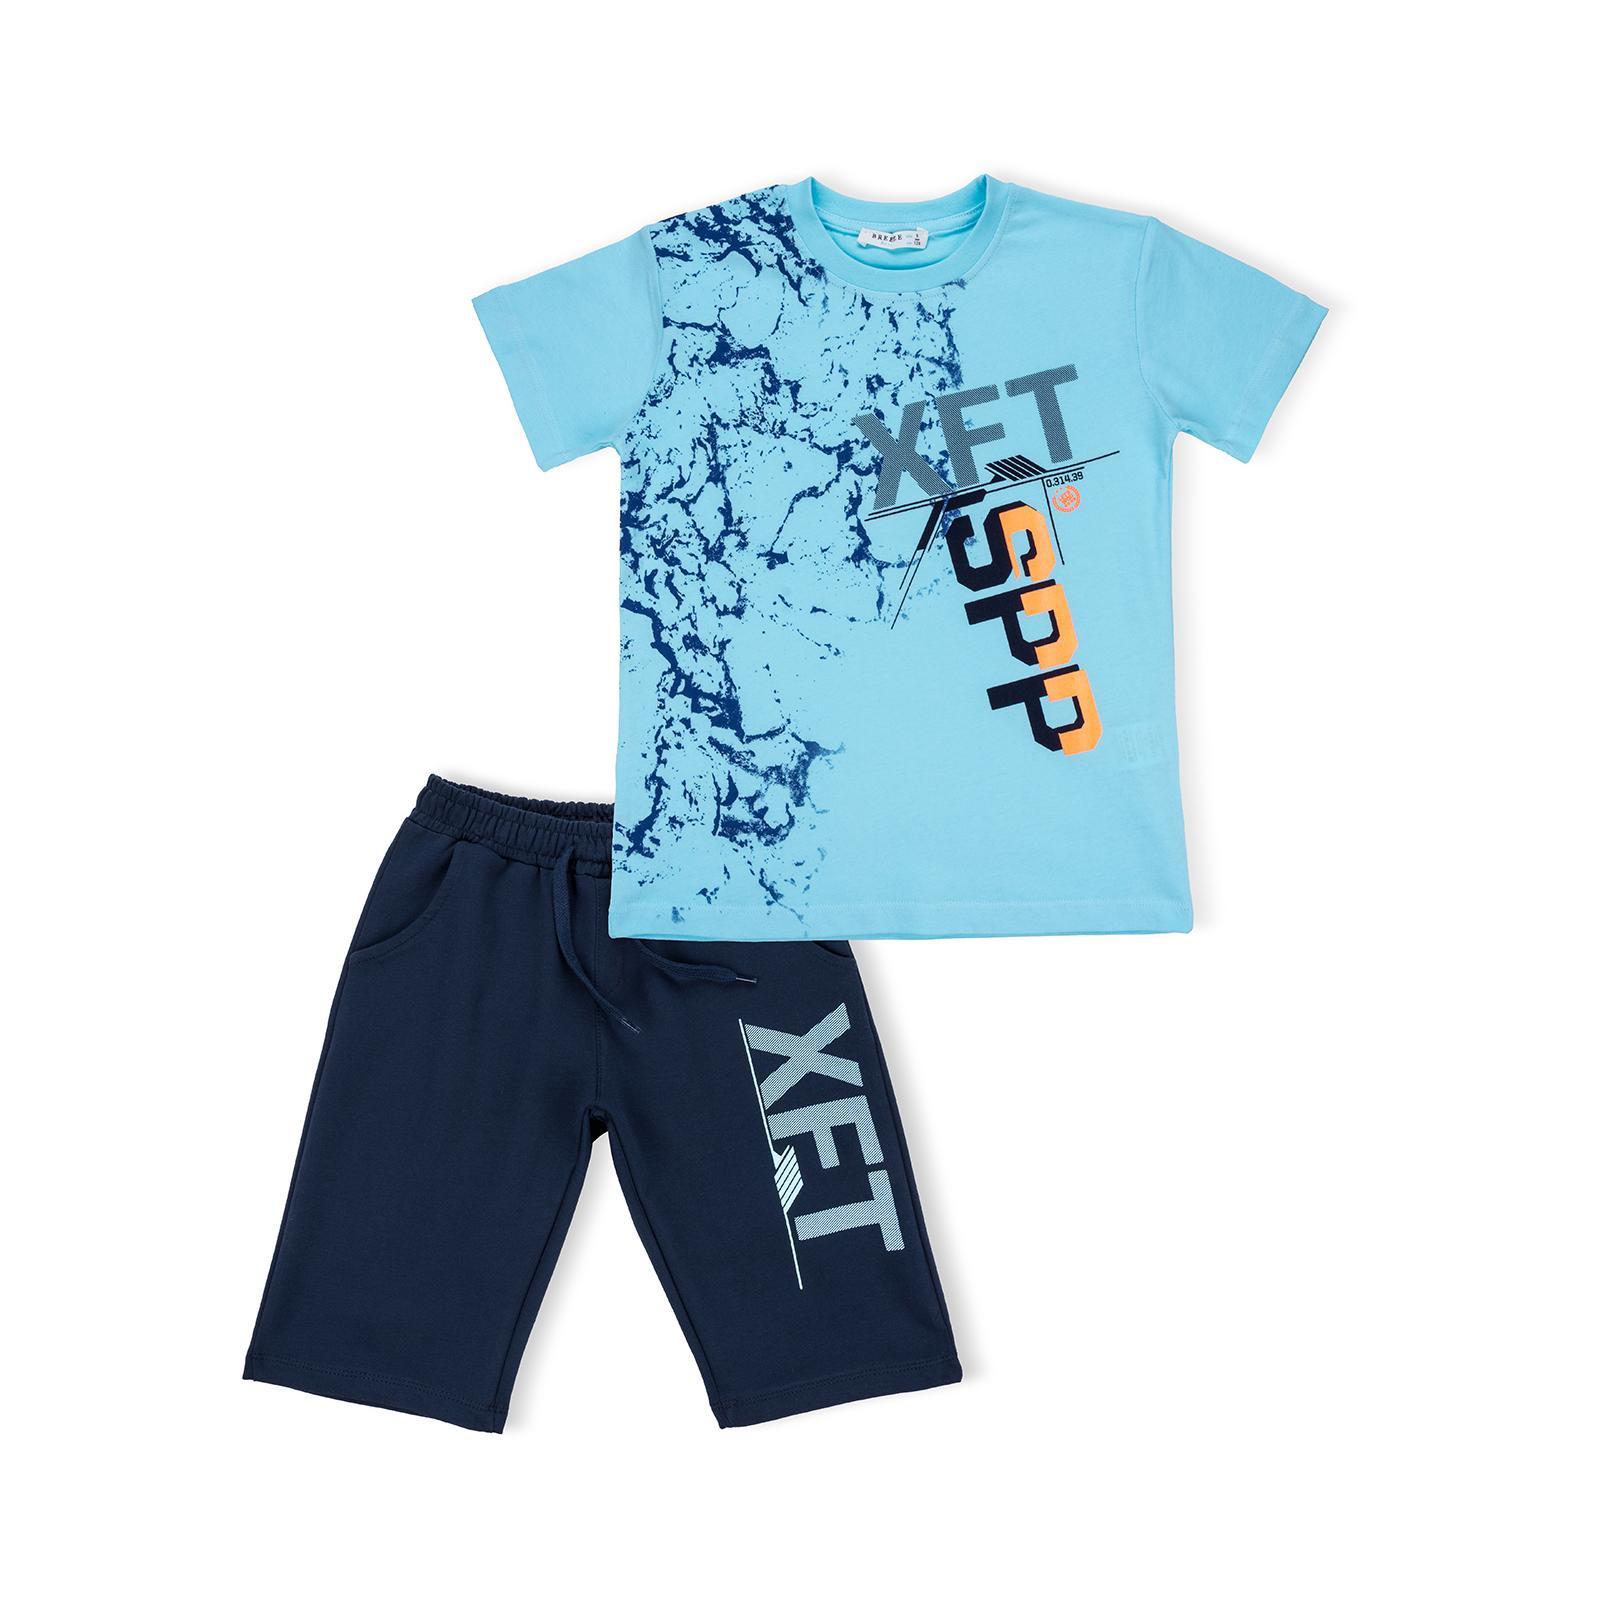 """Футболка детская Breeze с шортами """"XFT"""" (10925-146B-blue)"""